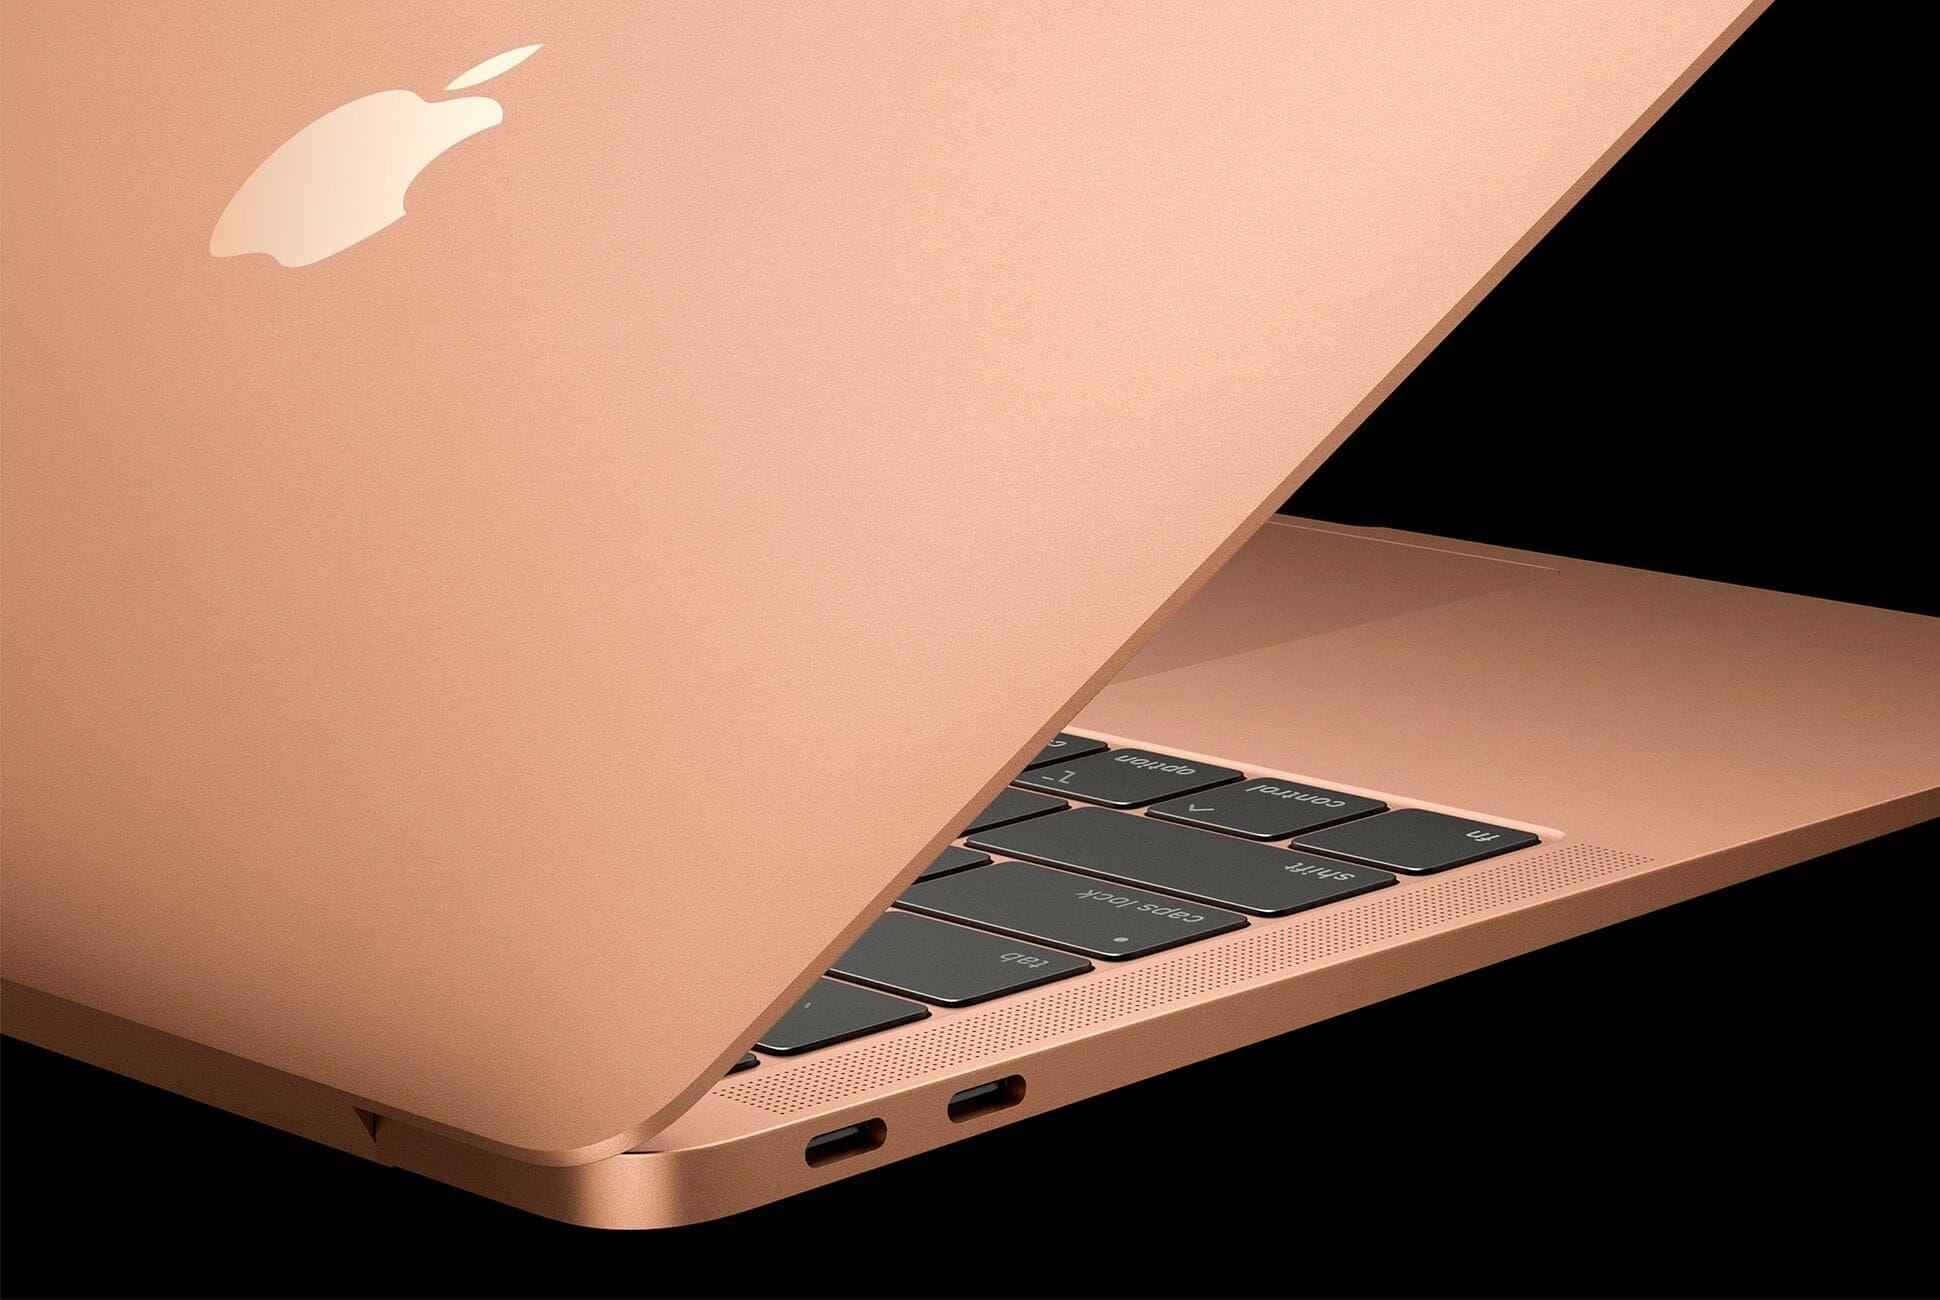 Apple-Event-NYC-2018-MacBook-Air-gear-patrol-slide-3